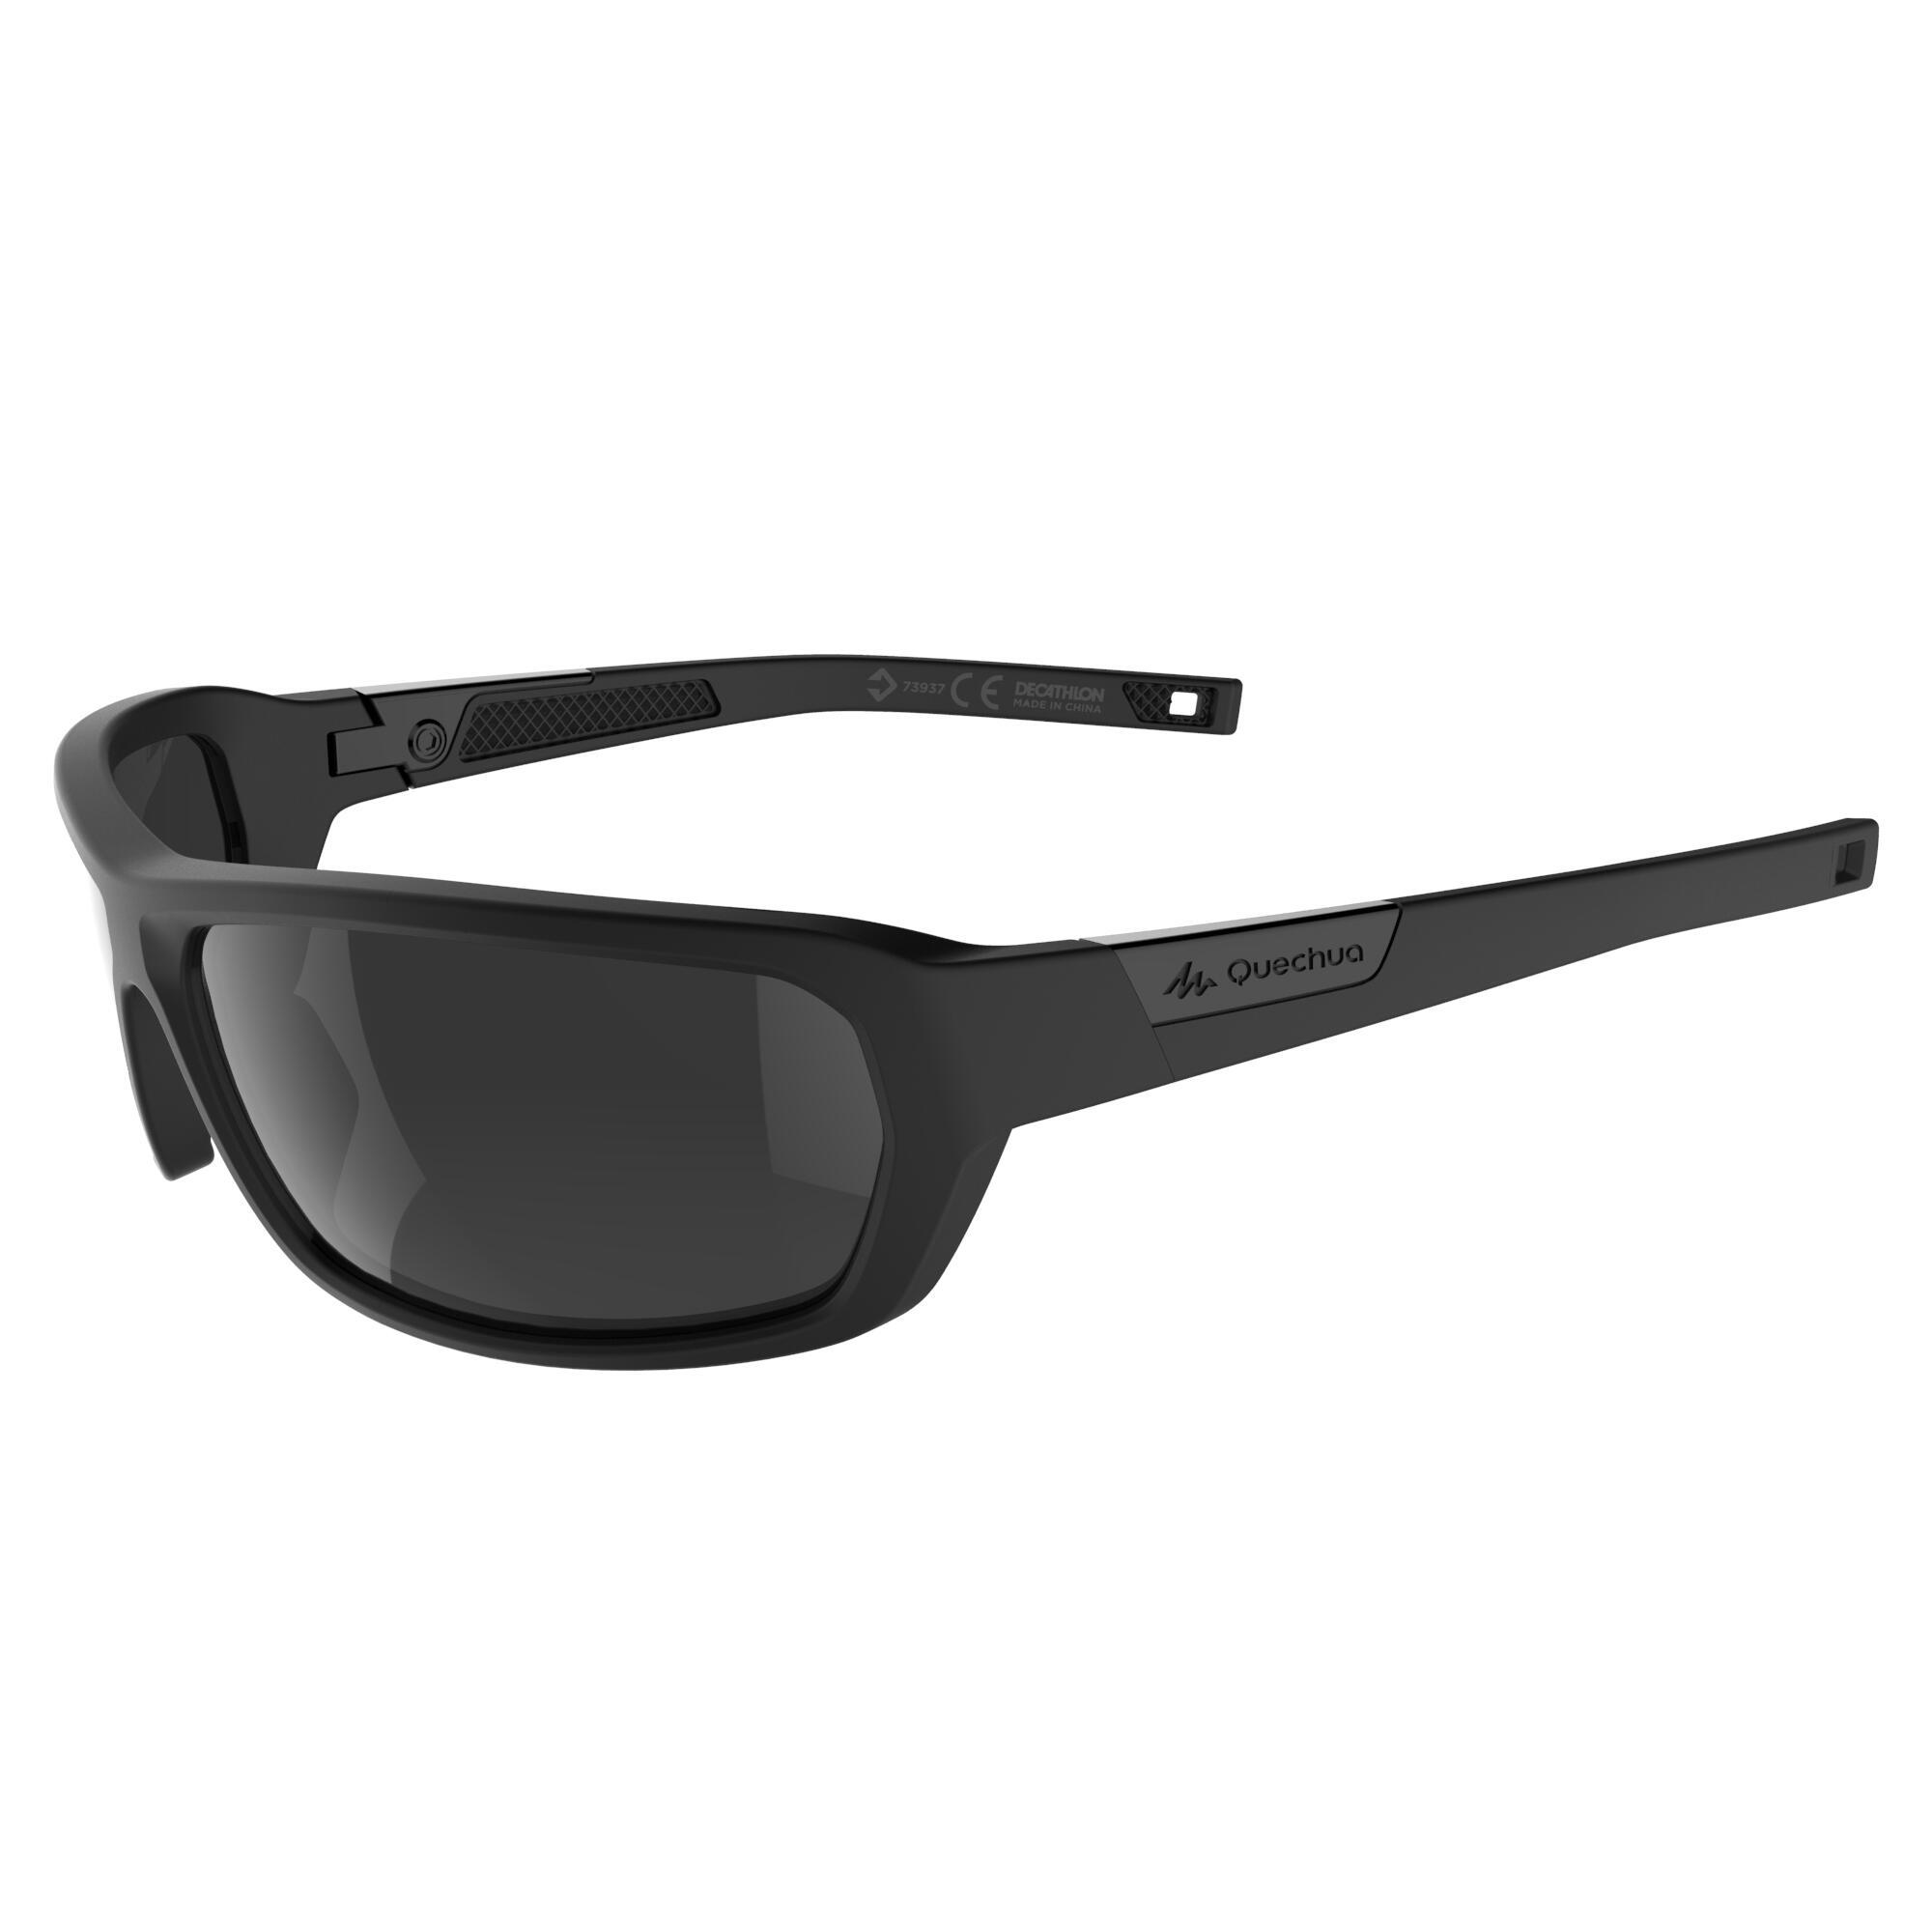 1f979ce88d Senderismo Gafas Adulto Categoría De Sol Negro Mh510 Quechua 3 Ybf7g6vy